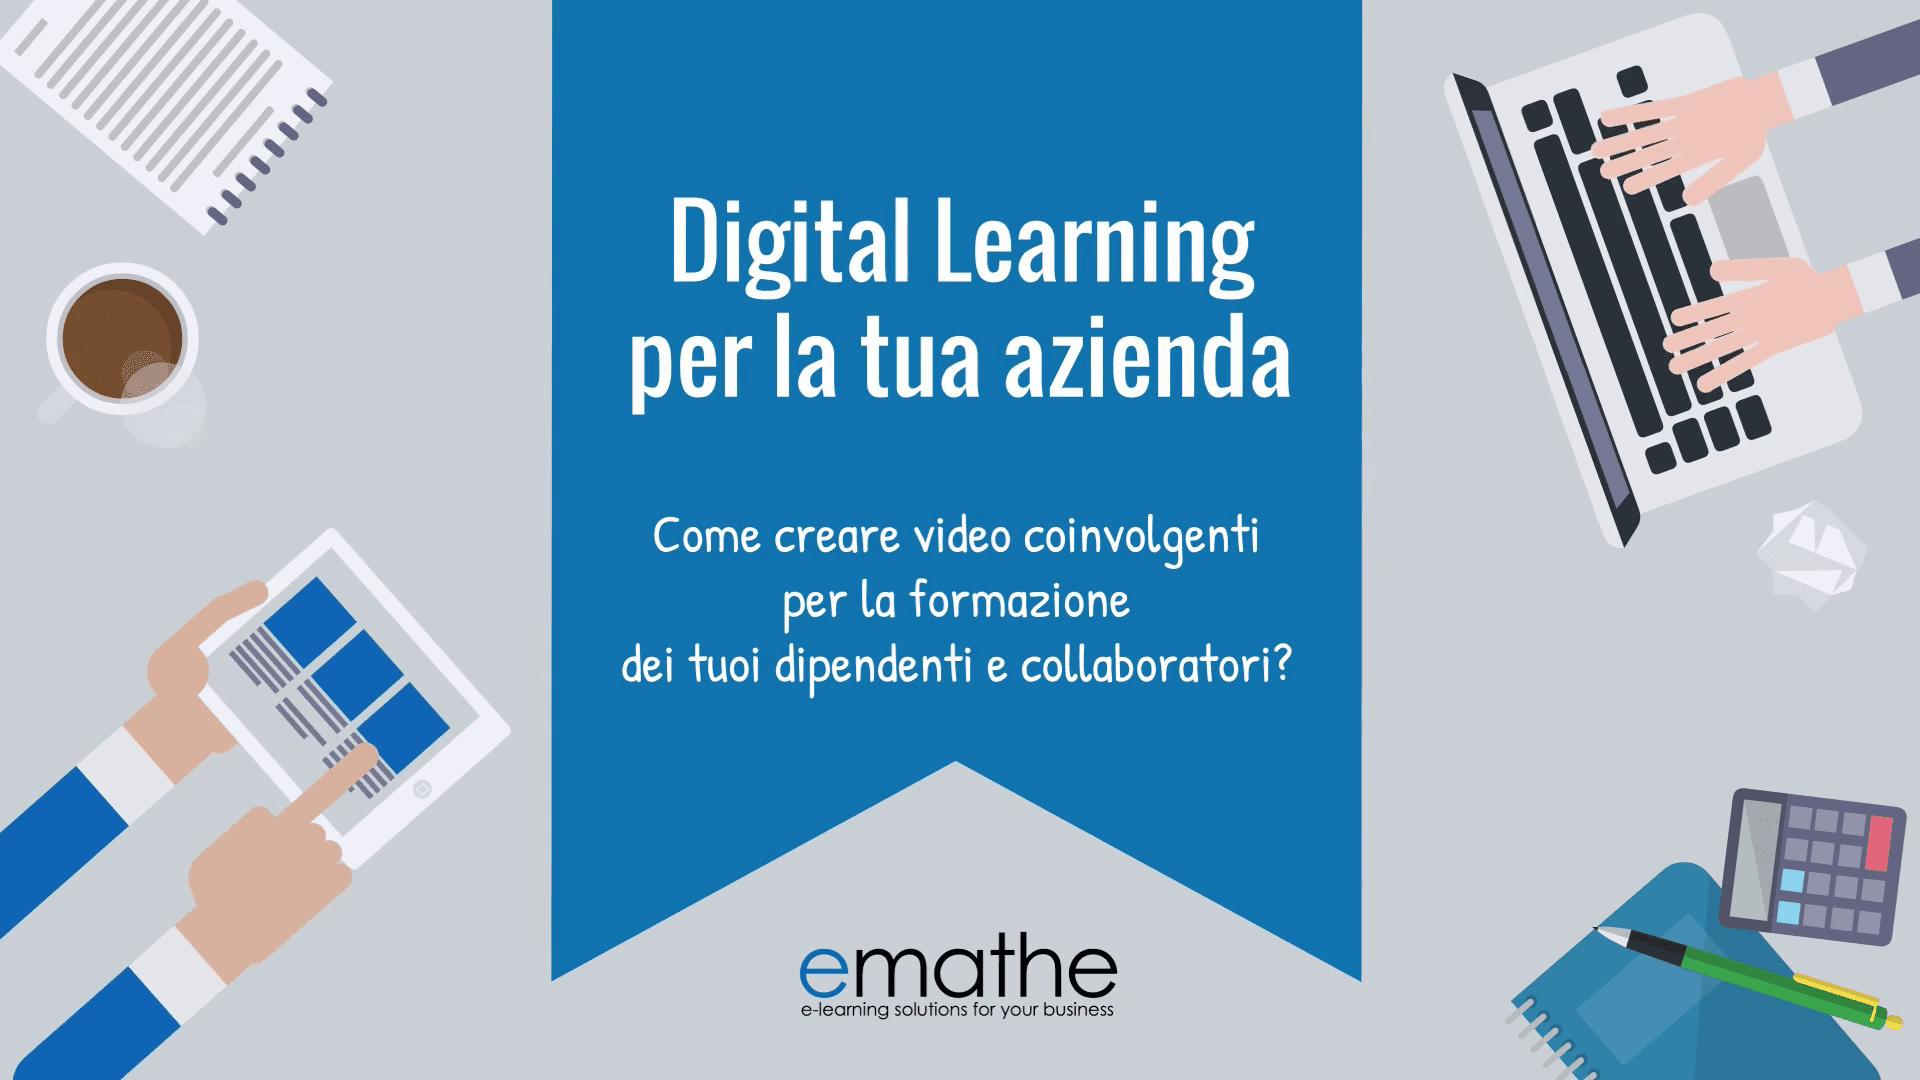 Digital Learning per la tua azienda